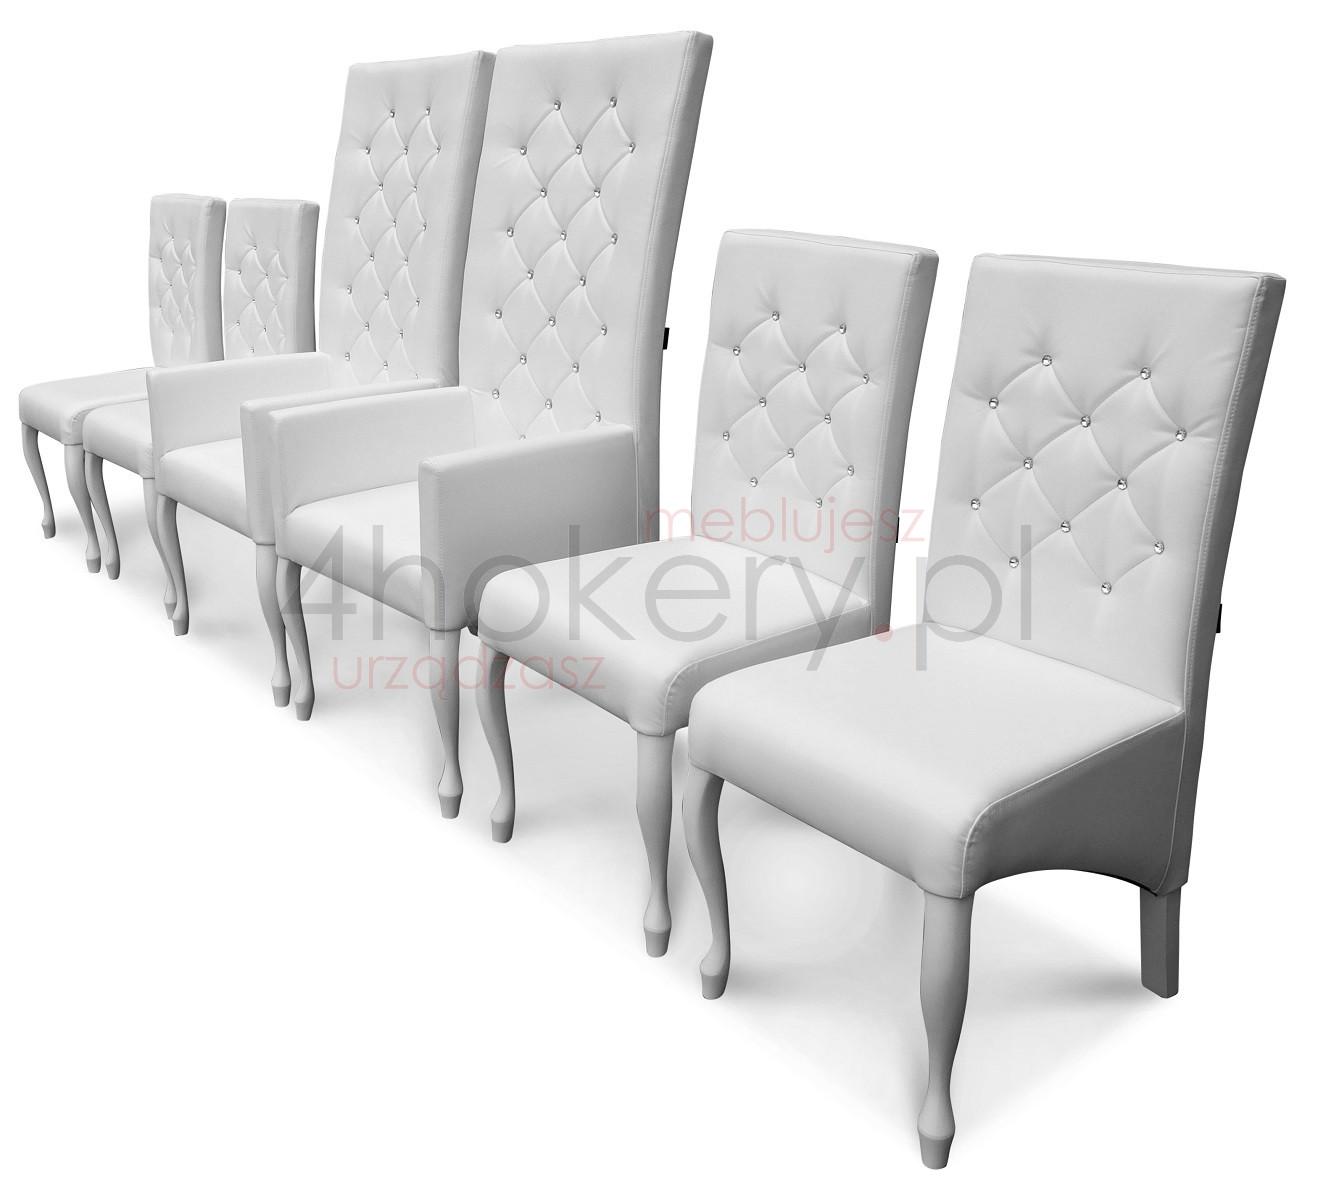 Dwa fotele i cztery wytworne krzesła czyli ślubny orszak na ślubnym kobiercu.